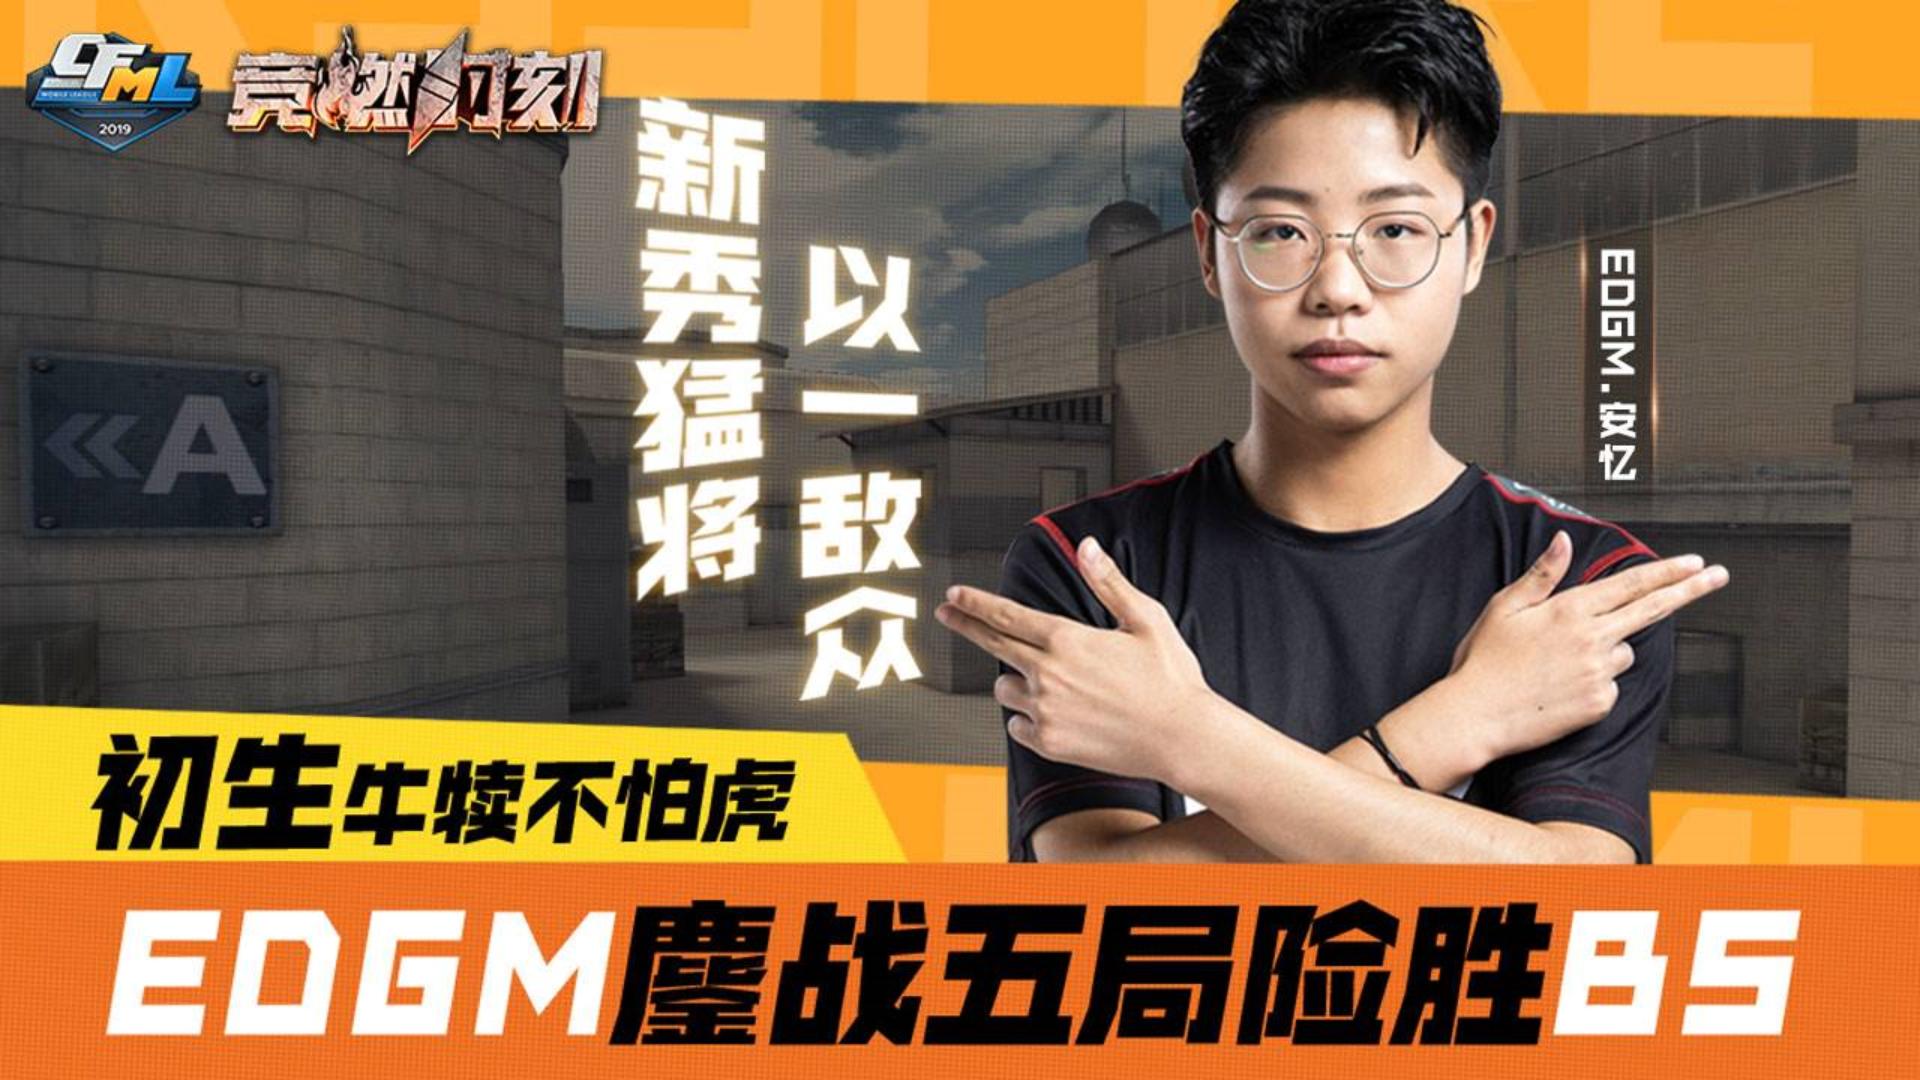 竞燃时刻CFML 10:初生牛犊不怕虎,EDGM鏖战五局险胜BS!